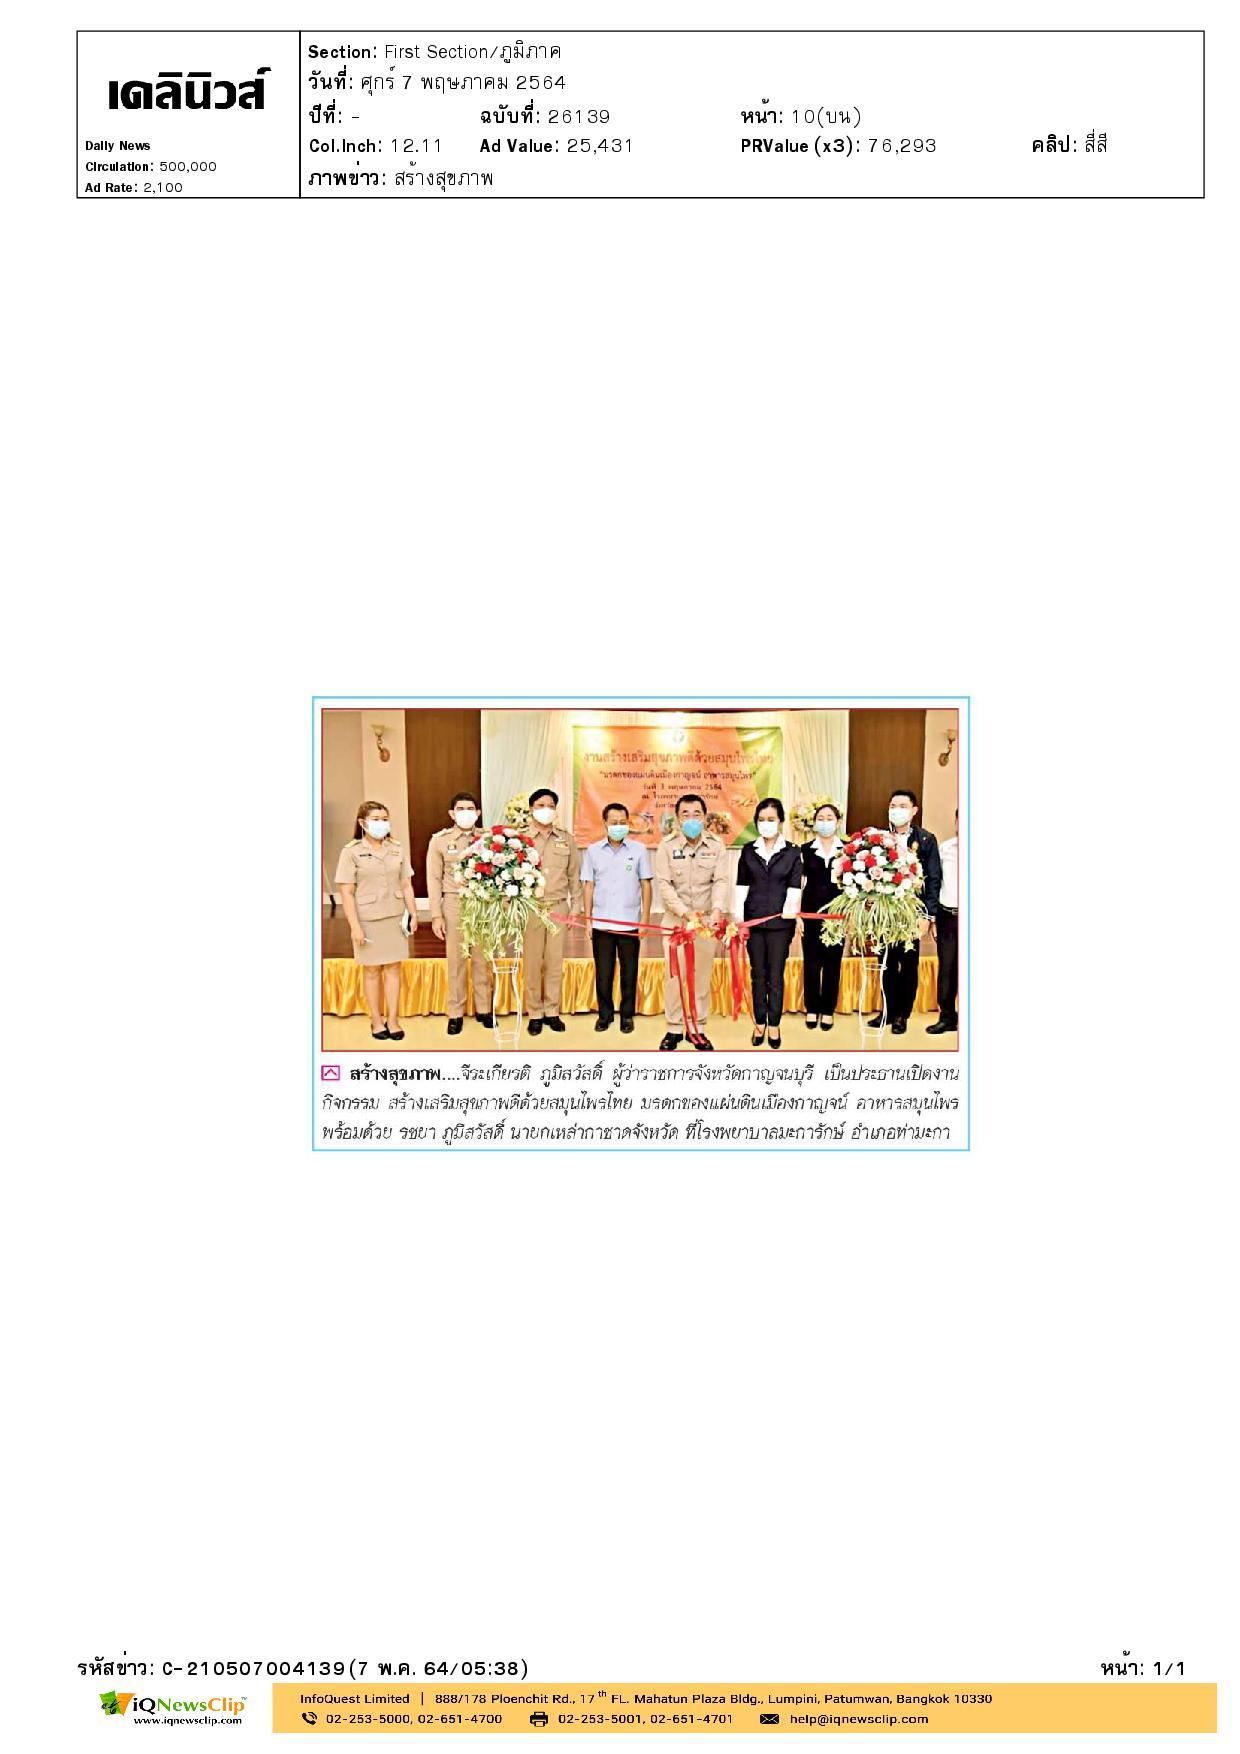 นายกเหล่ากาชาดเปิดงานกิจกรรม สร้างเสริมสุขภาพดีด้วยสมุนไพรไทย